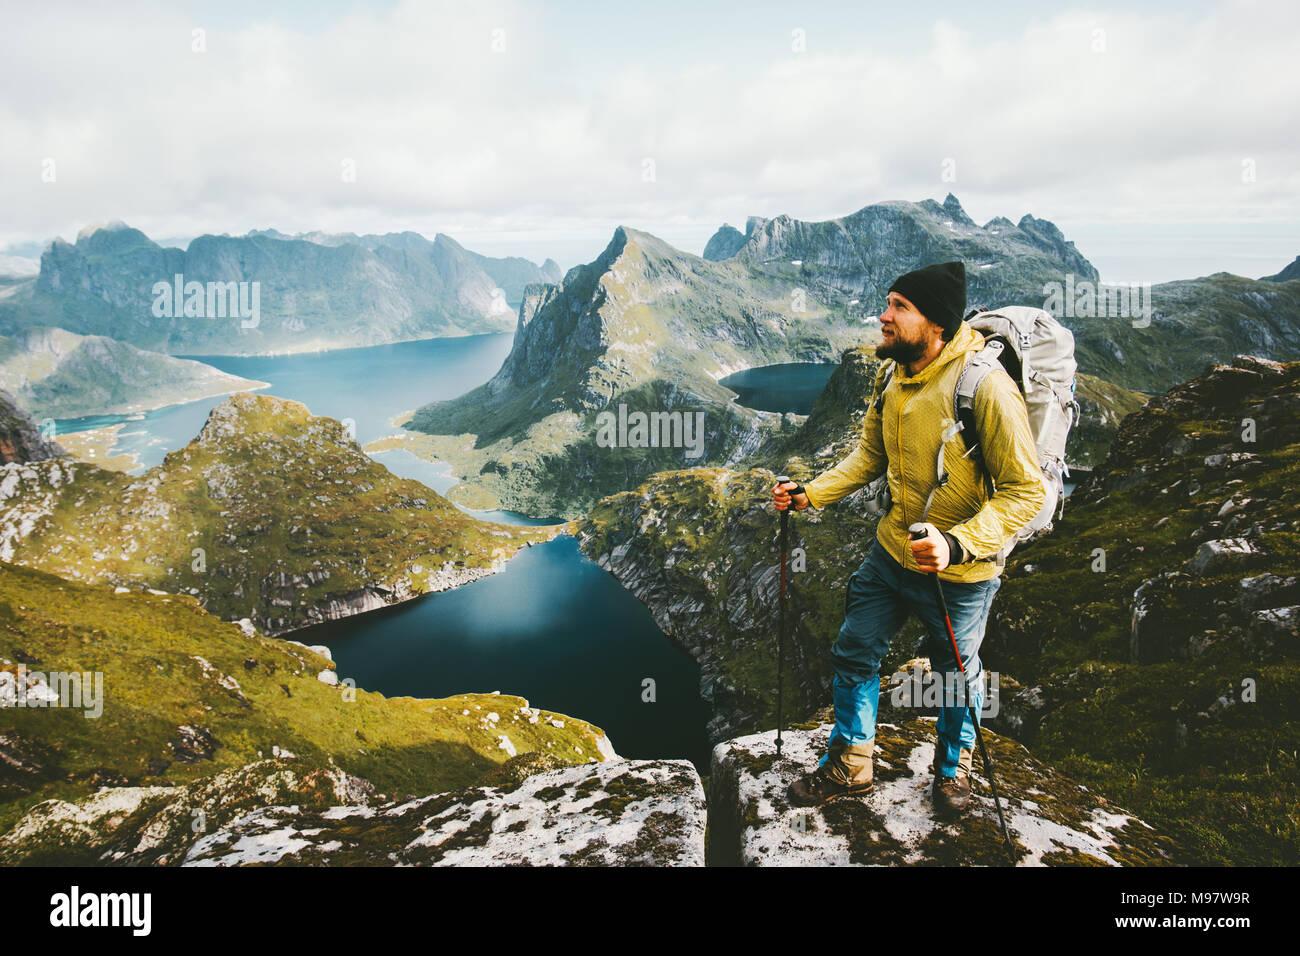 Bärtiger Mann Reisender auf Klippe Berg in Norwegen ständigen Reisen mit Rucksack gesunder Lebensstil Abenteuer Konzept Wandern Sommer aktiv Urlaub o Stockfoto